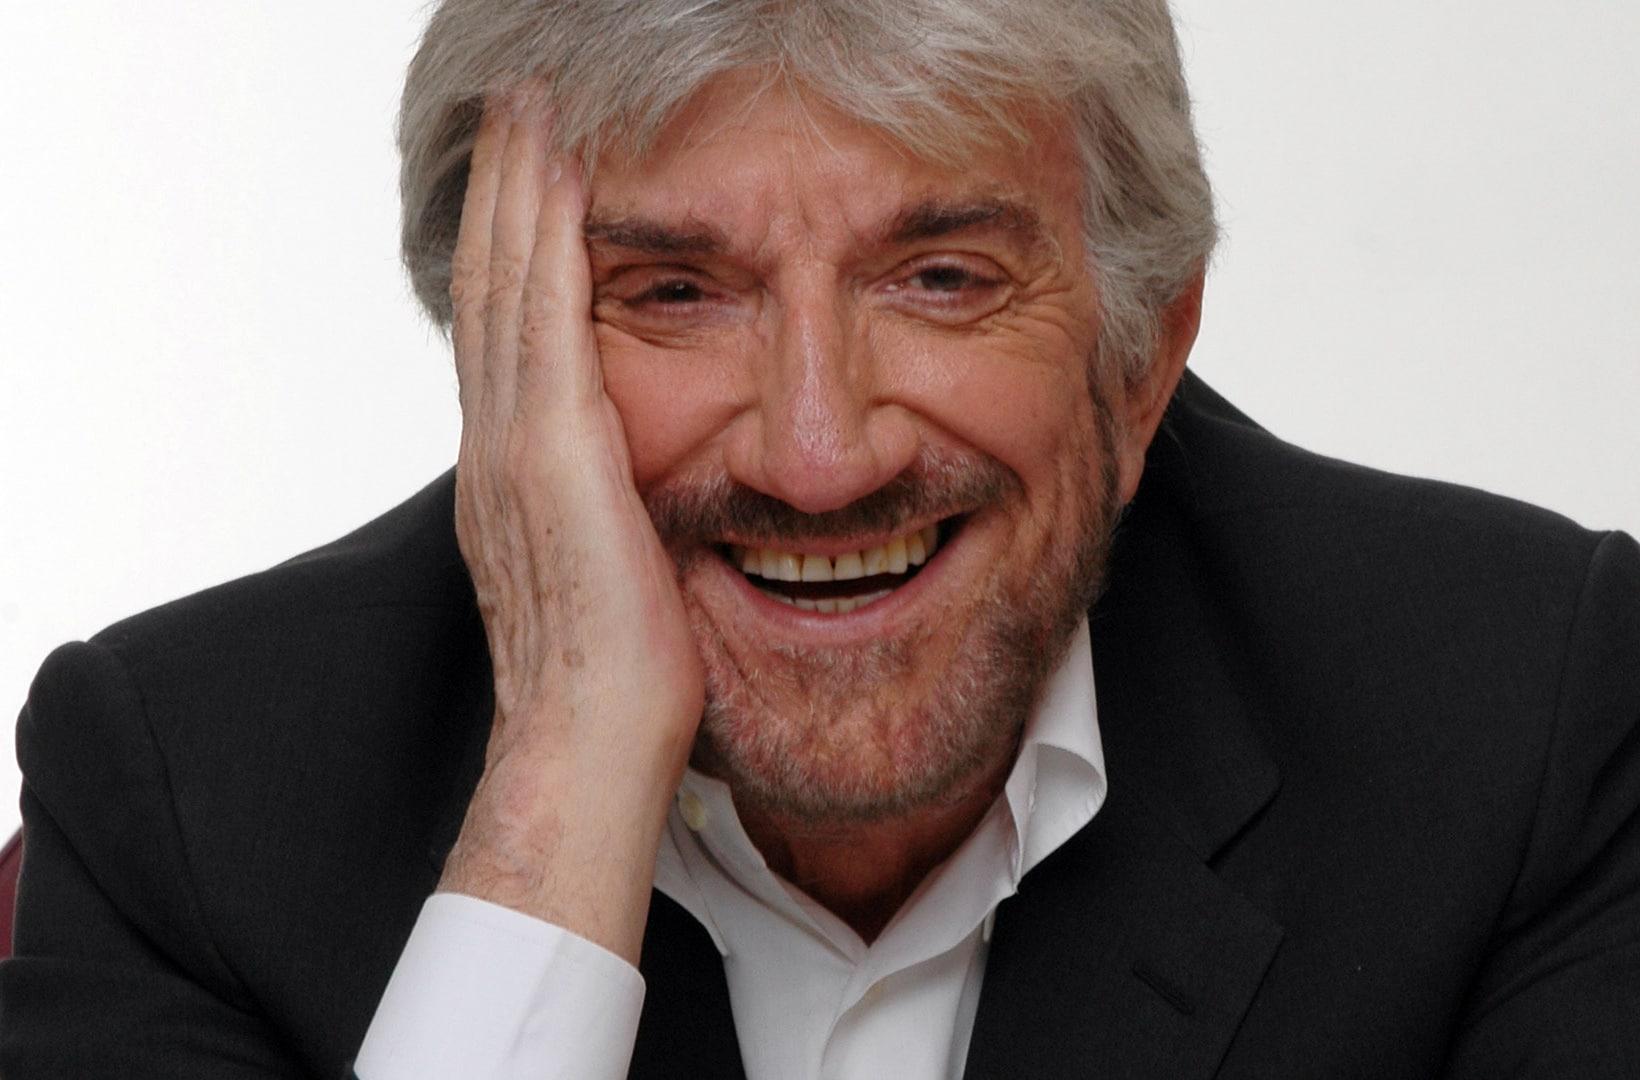 Addio Gigi Proietti: ci ha lasciati nel giorno del suo compleanno